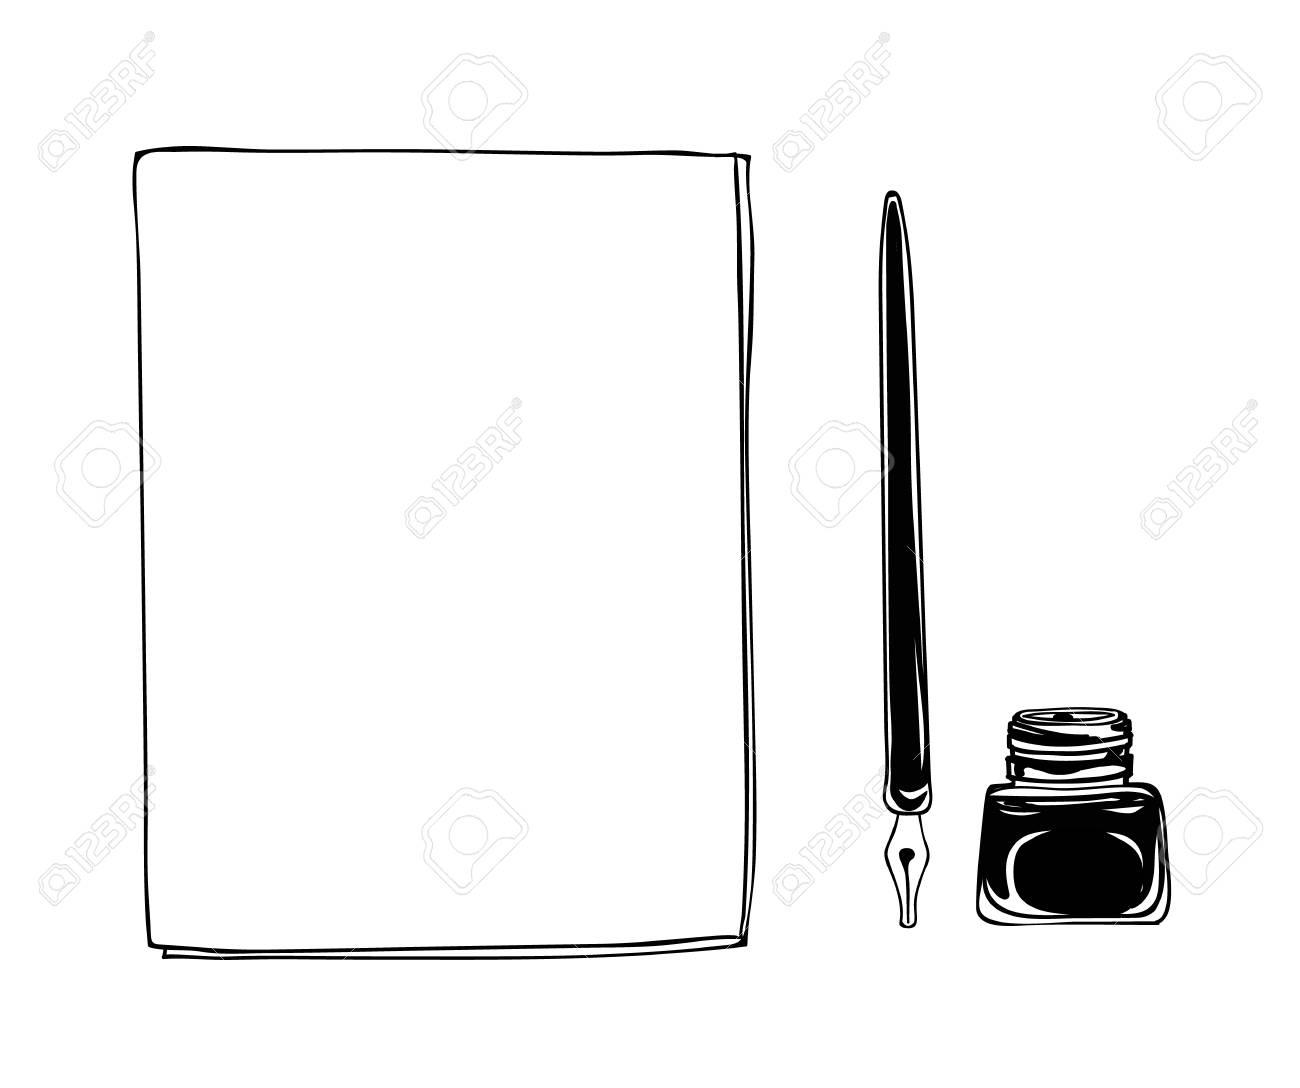 Notebook dip tip pen vintage and ink bottle vector hand drawn line art illustration - 71671482